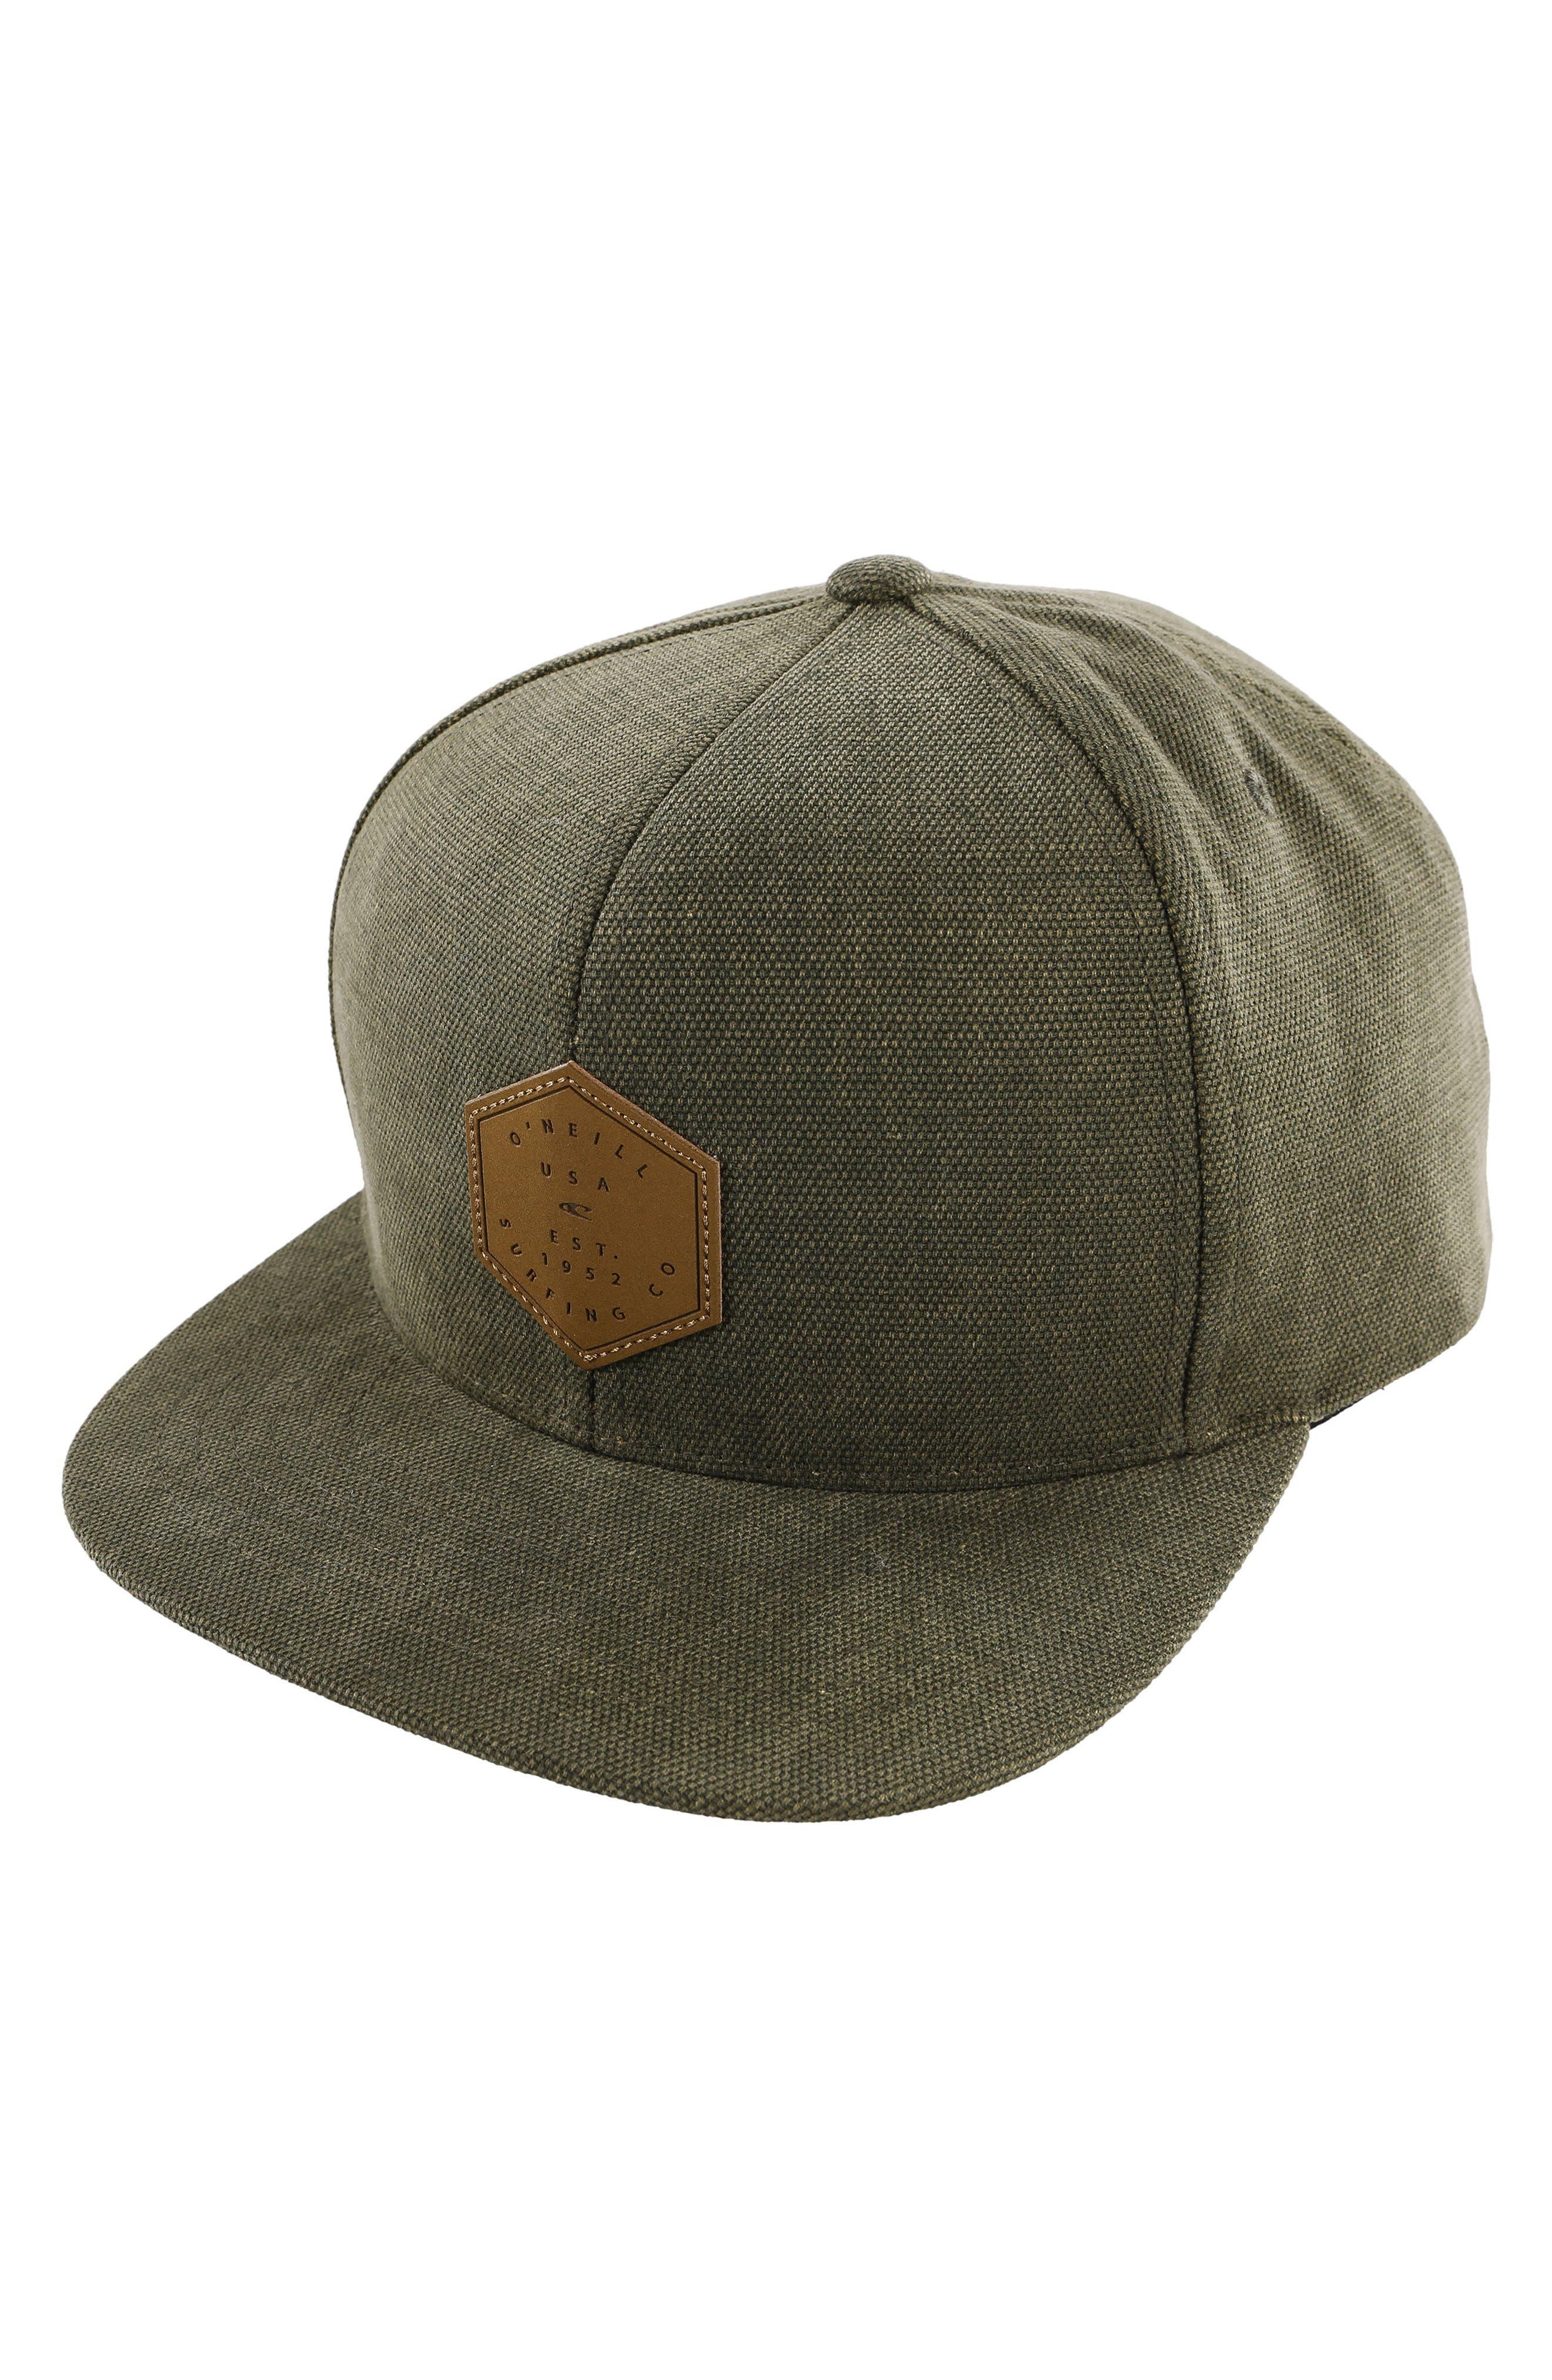 Main Image - O'Neill Lowtide Snapback Baseball Cap